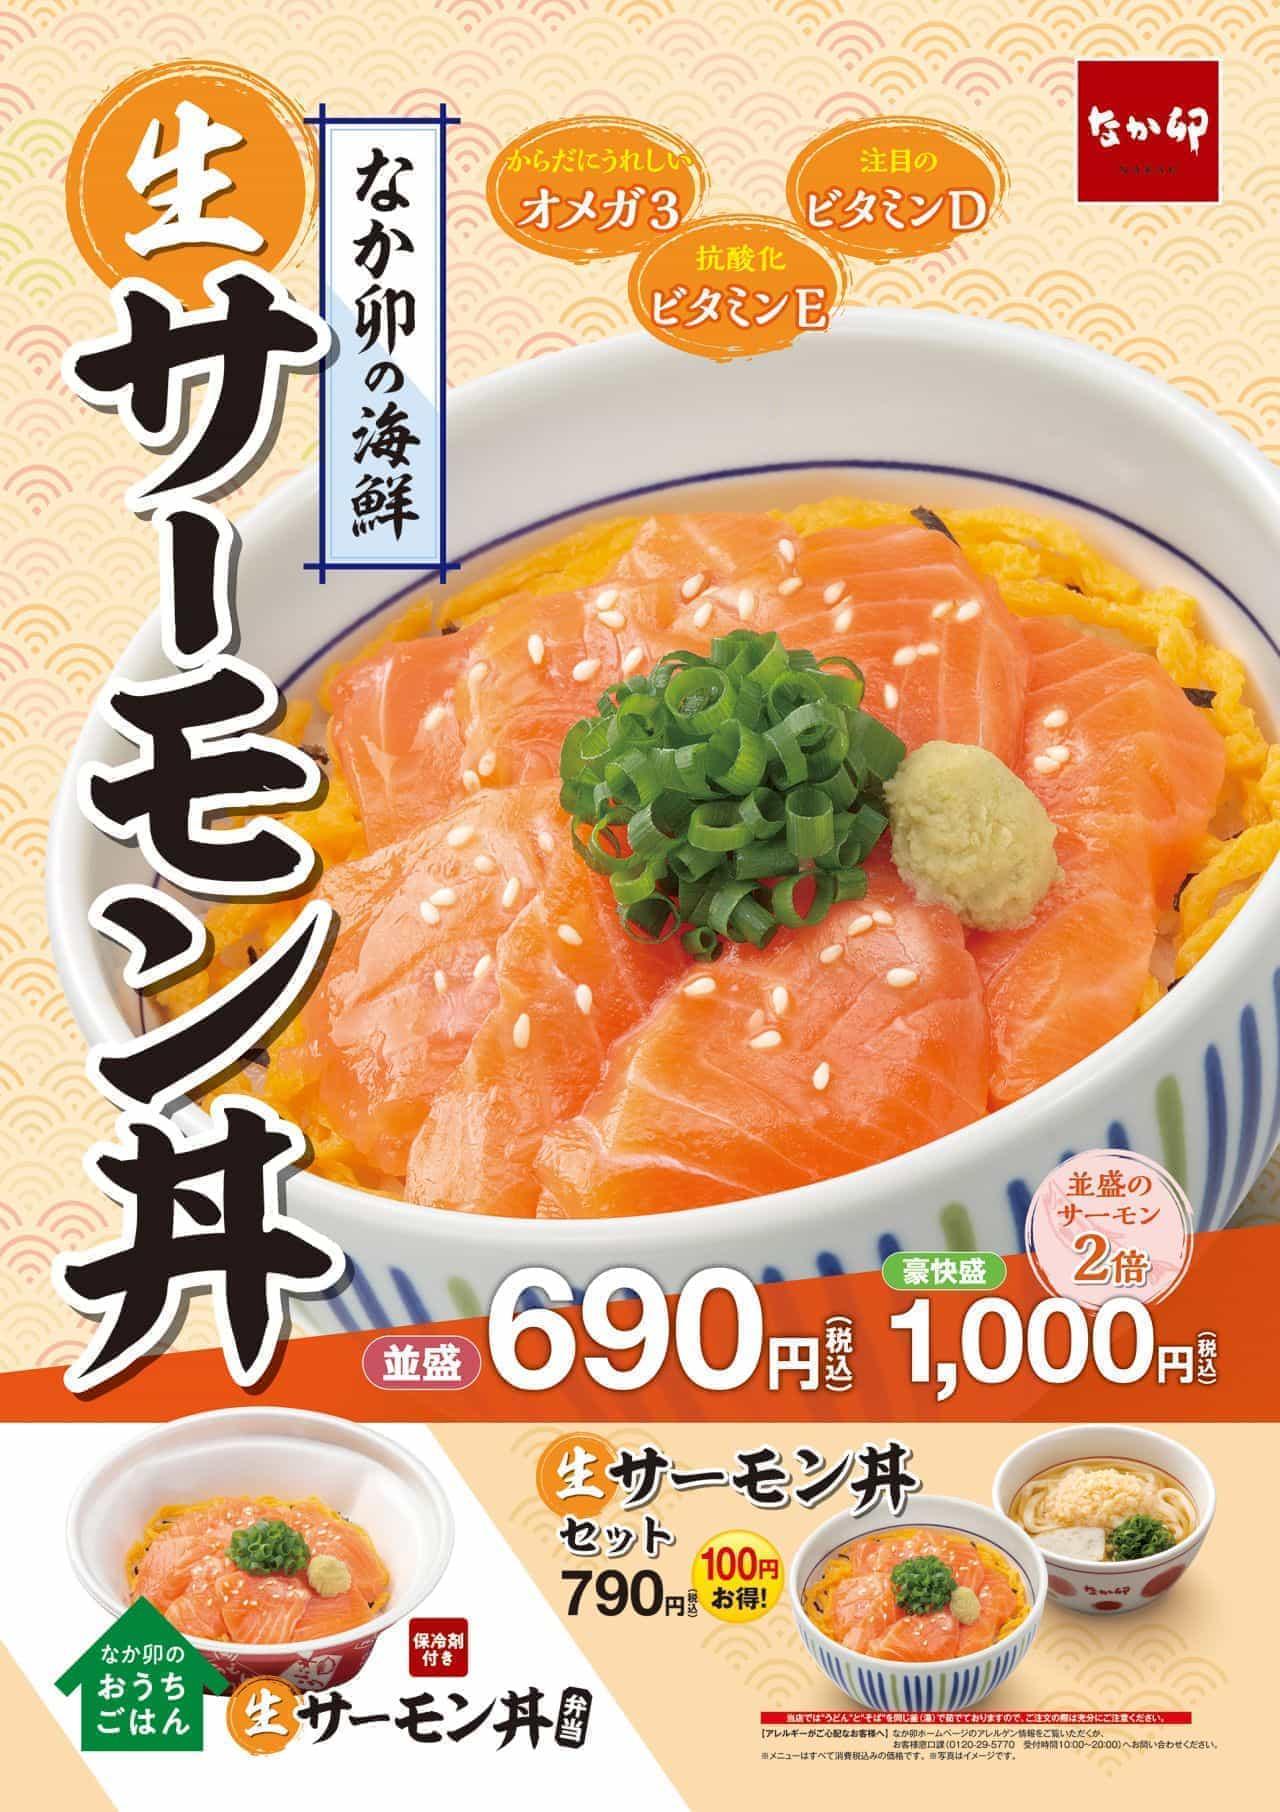 なか卯「サーモン丼」